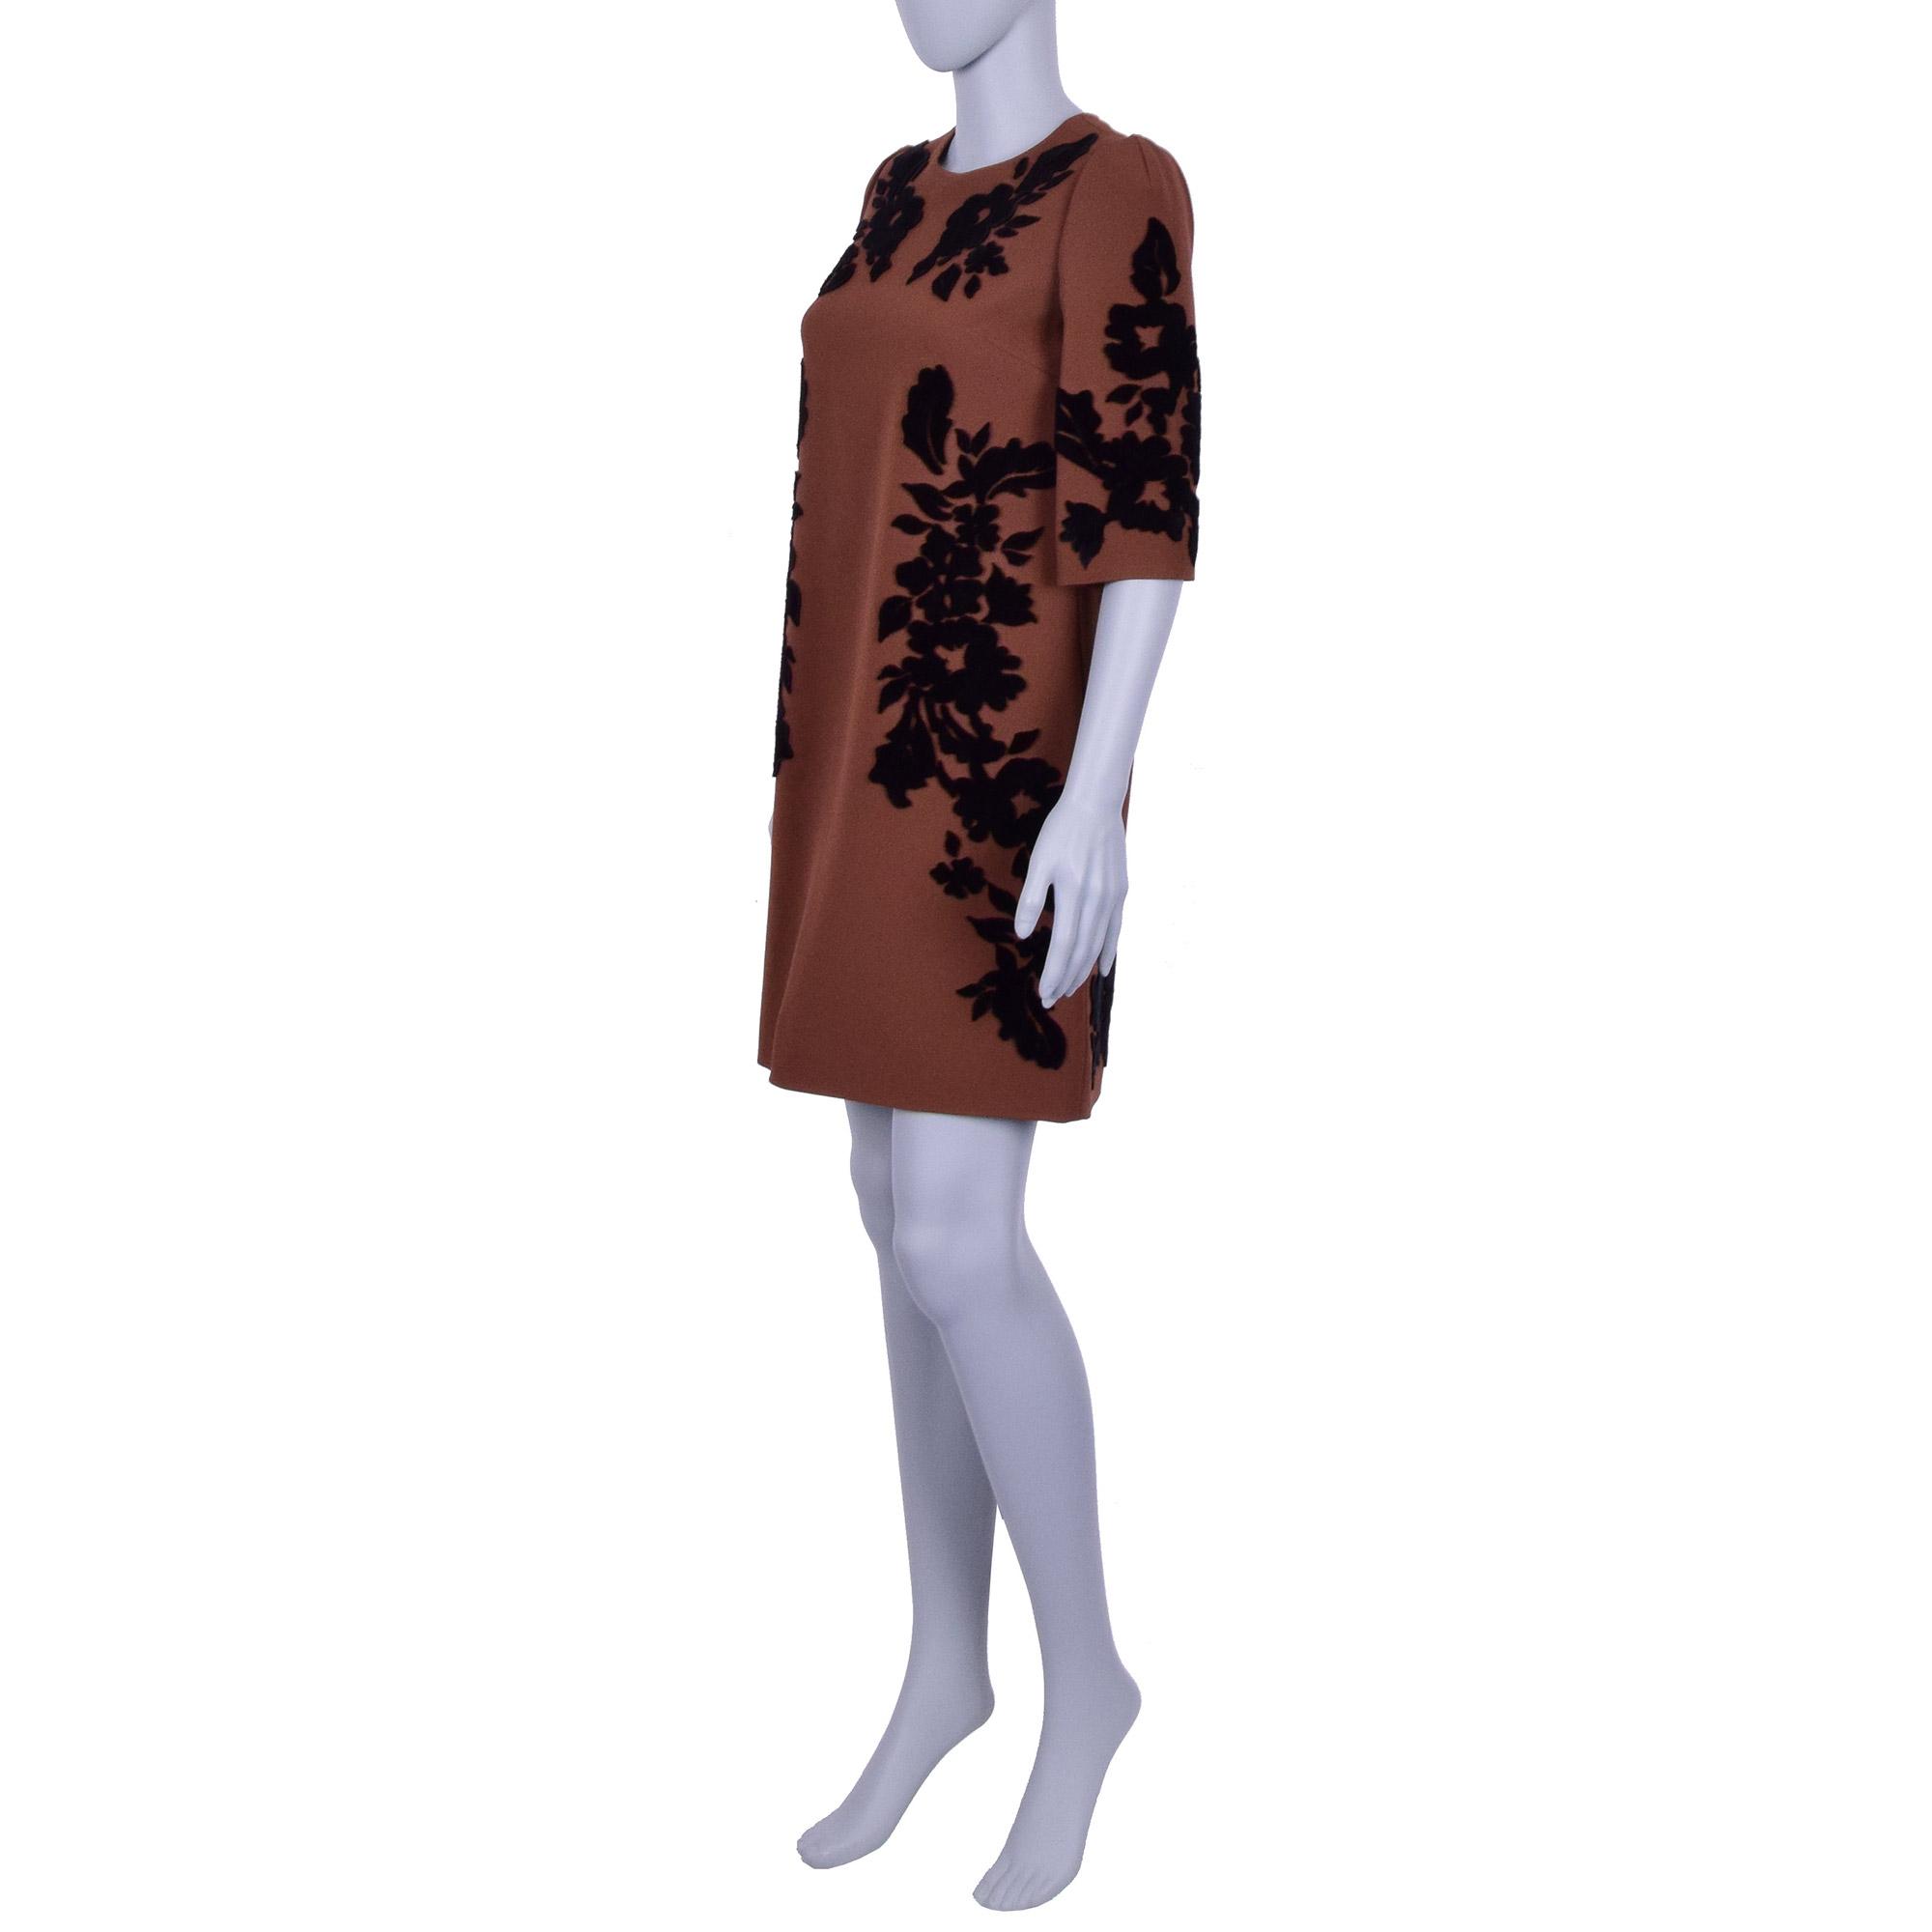 Dolce Gabbana Barock Blumen Stickerei Kleid Braun Fashion Rooms